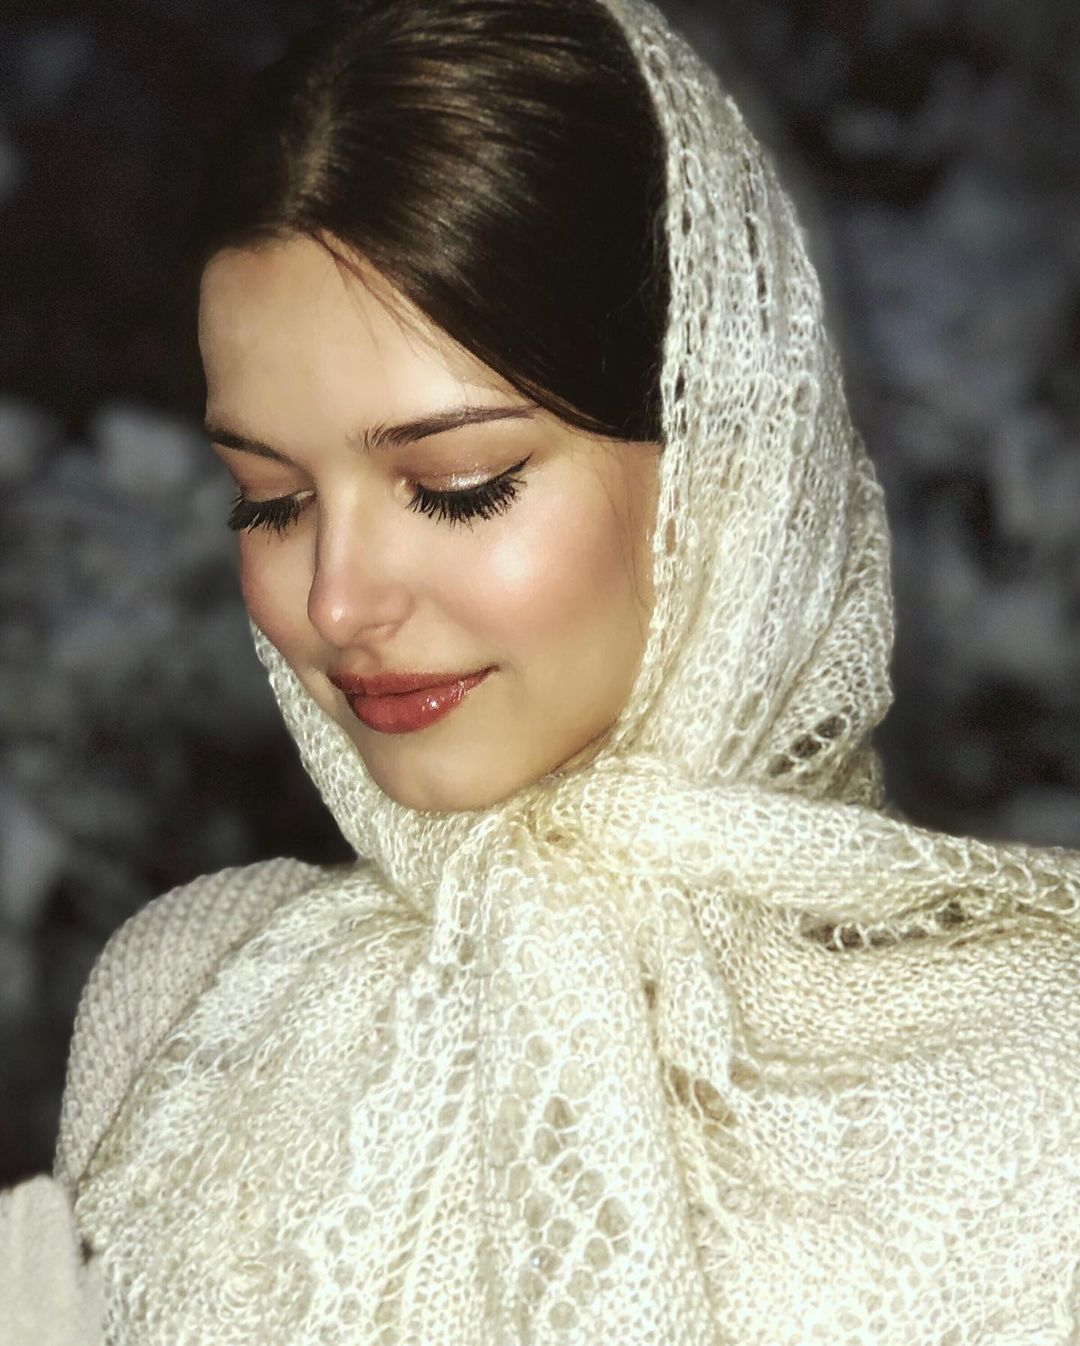 Ngỡ ngàng nhan sắc cô gái là hoa hậu mới của Nga, đẹp như tiên sa - ảnh 2